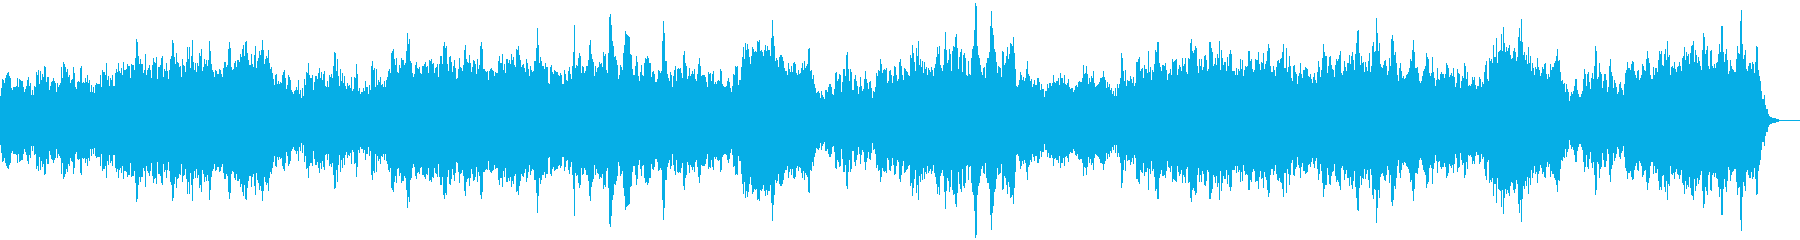 祈りのアンビエント・ヒーリングBGMの再生済みの波形